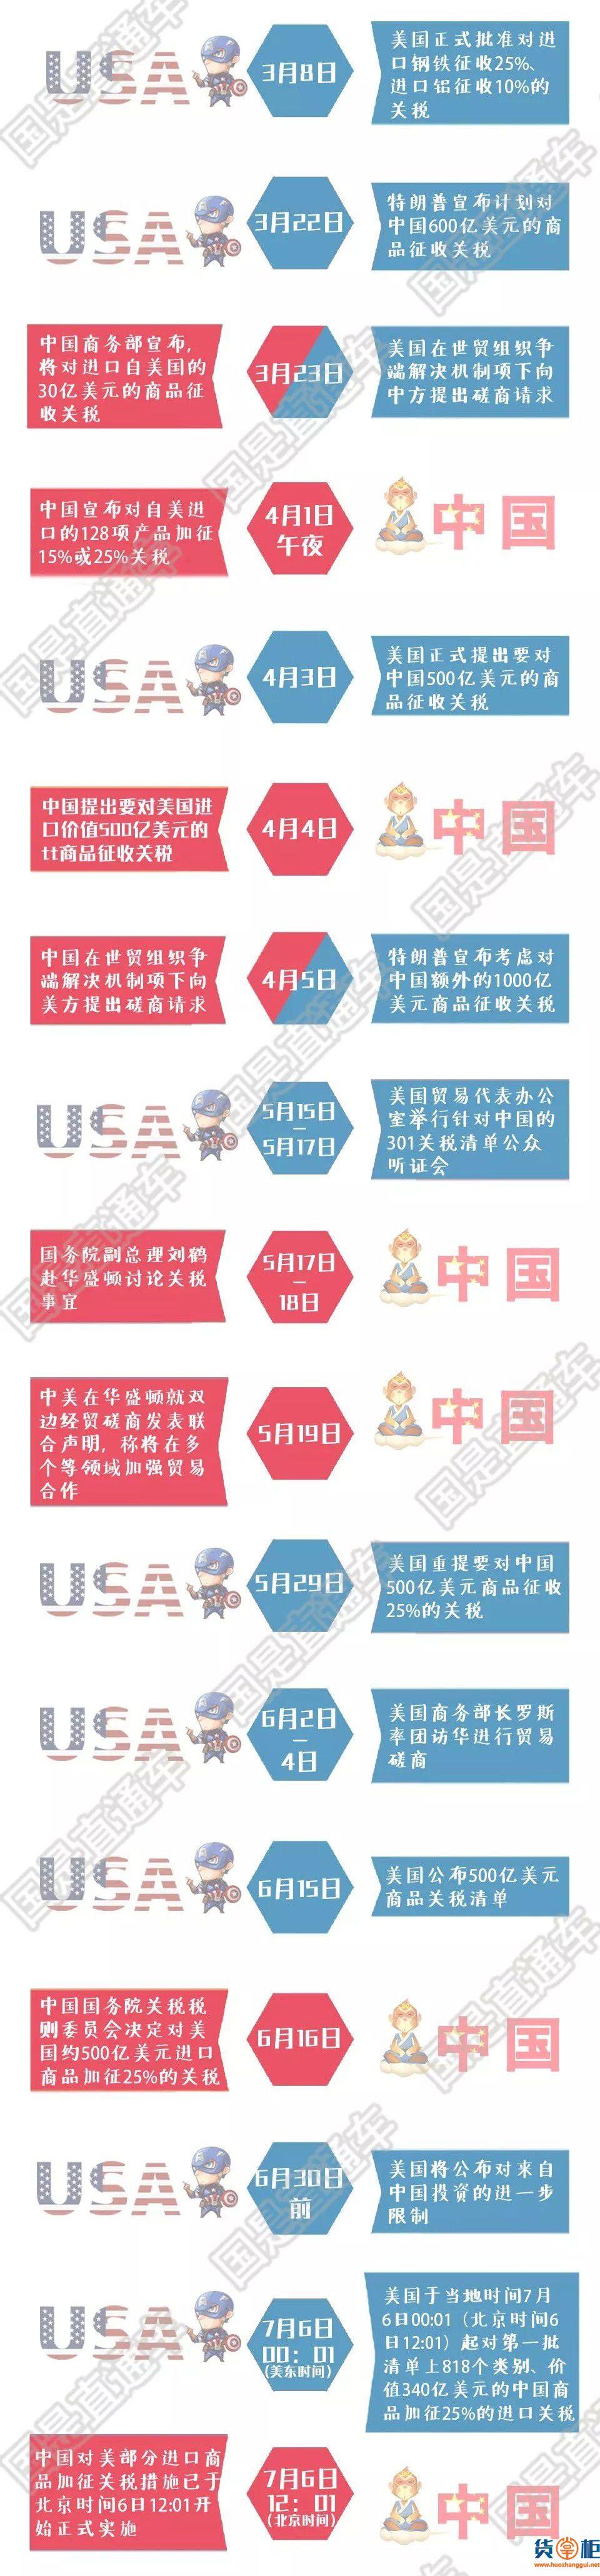 中美元首达成共识,双方同意停止相互加征新的关税!-货掌柜www.huozhanggui.net